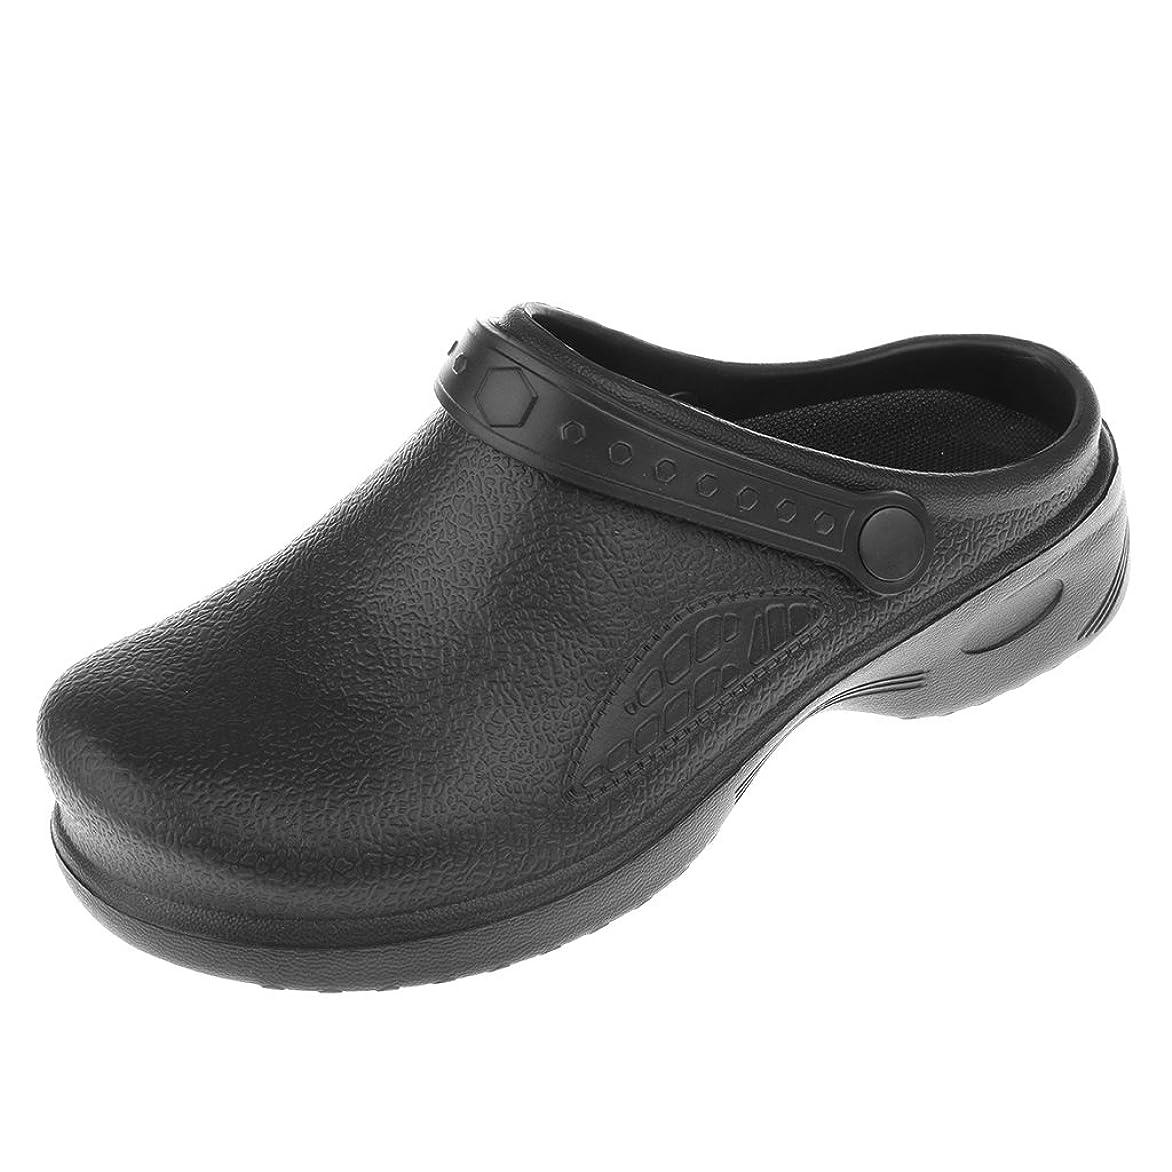 リード挨拶付ける男女兼用 防水 抗菌 静電気防止 通気 調理 ソフト 作業靴 安全靴 シューズ 靴 5サイズ2色選べ